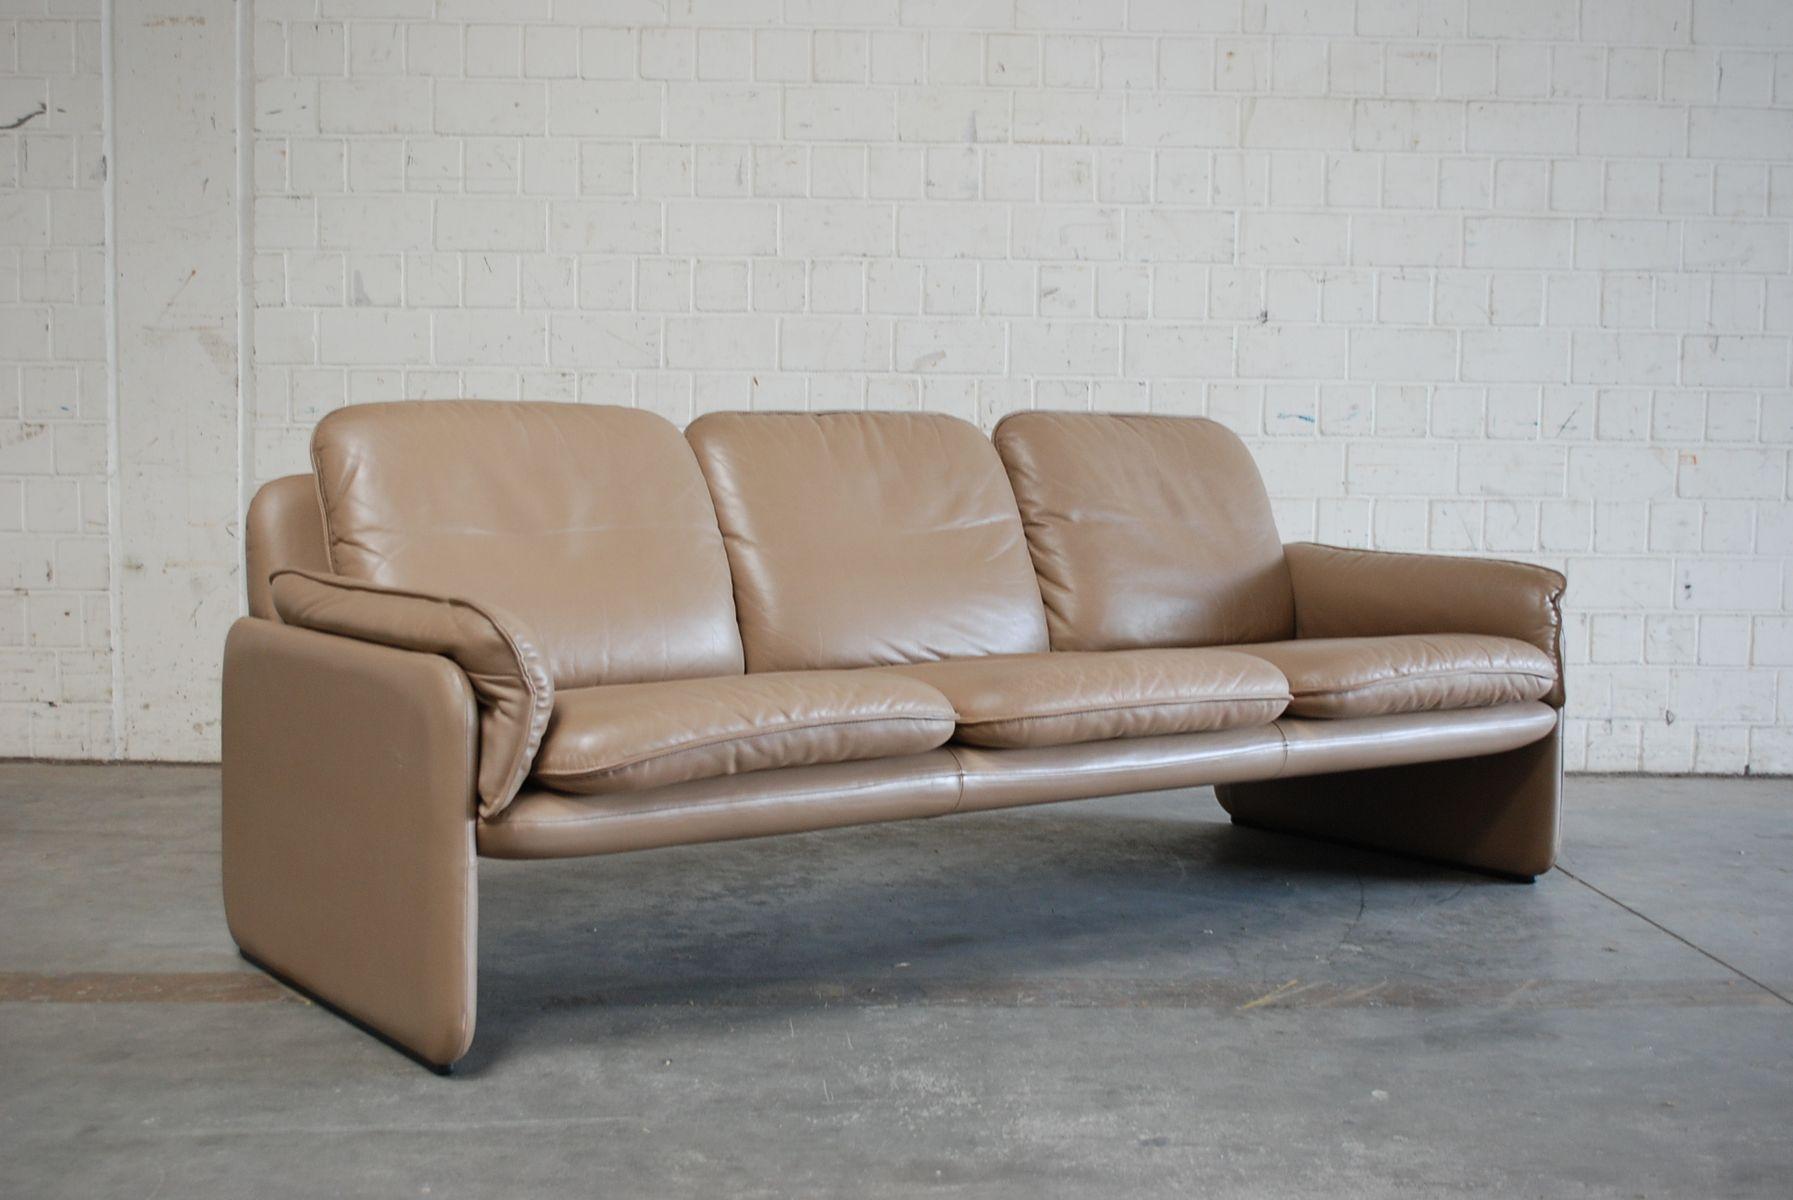 canap et fauteuil mod le ds 61 vintage en cuir de de sede en vente sur pamono. Black Bedroom Furniture Sets. Home Design Ideas